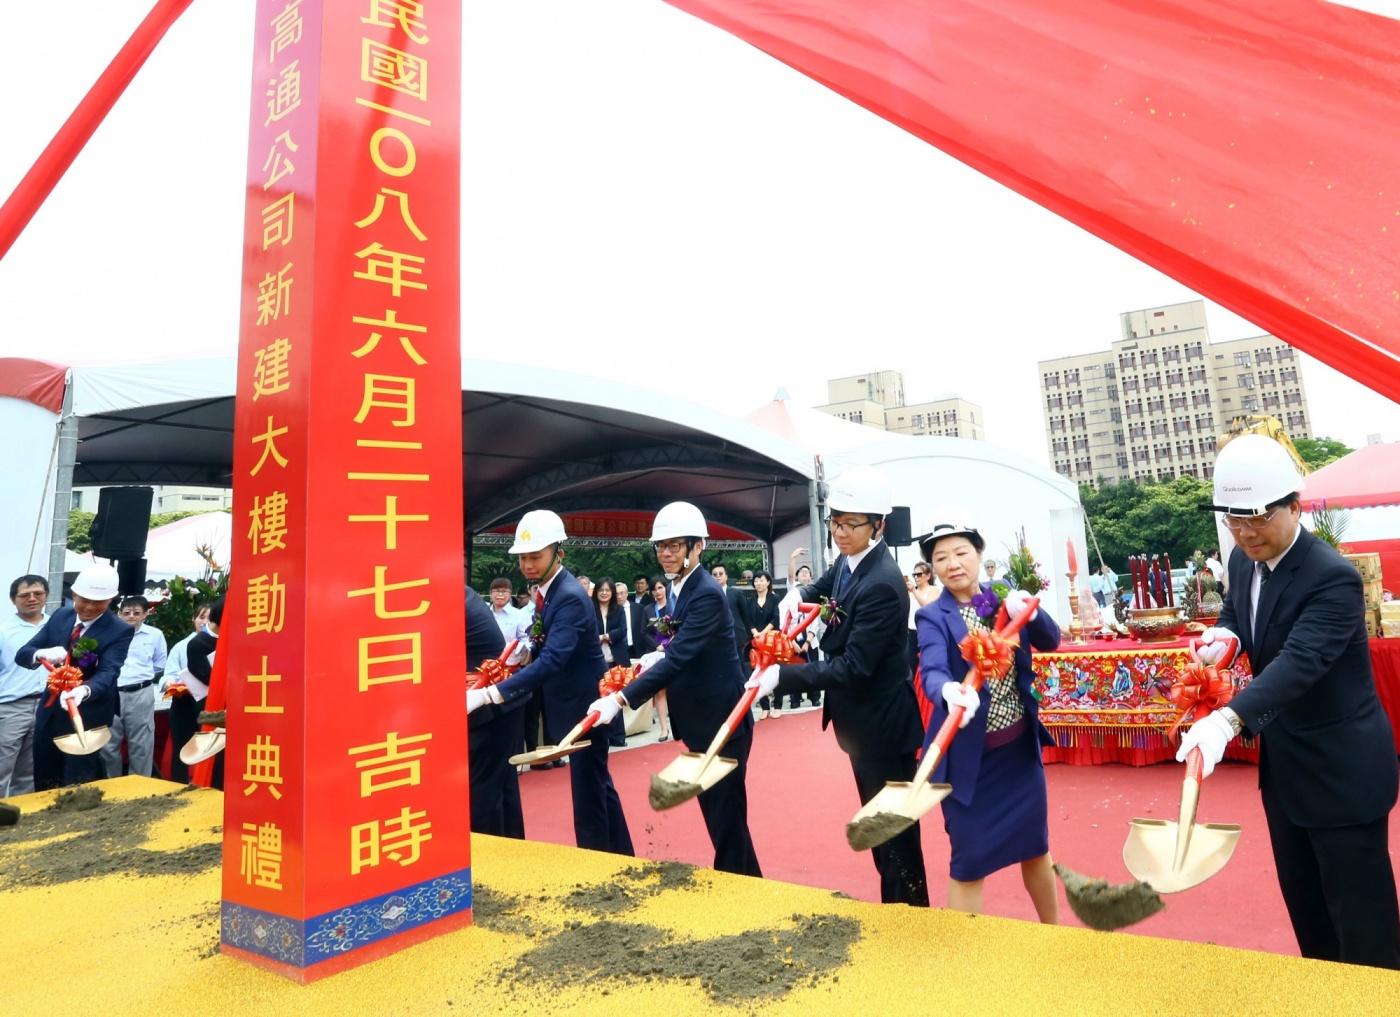 把5G生態圈搬到台灣做,高通海外第一棟大樓在竹科動工